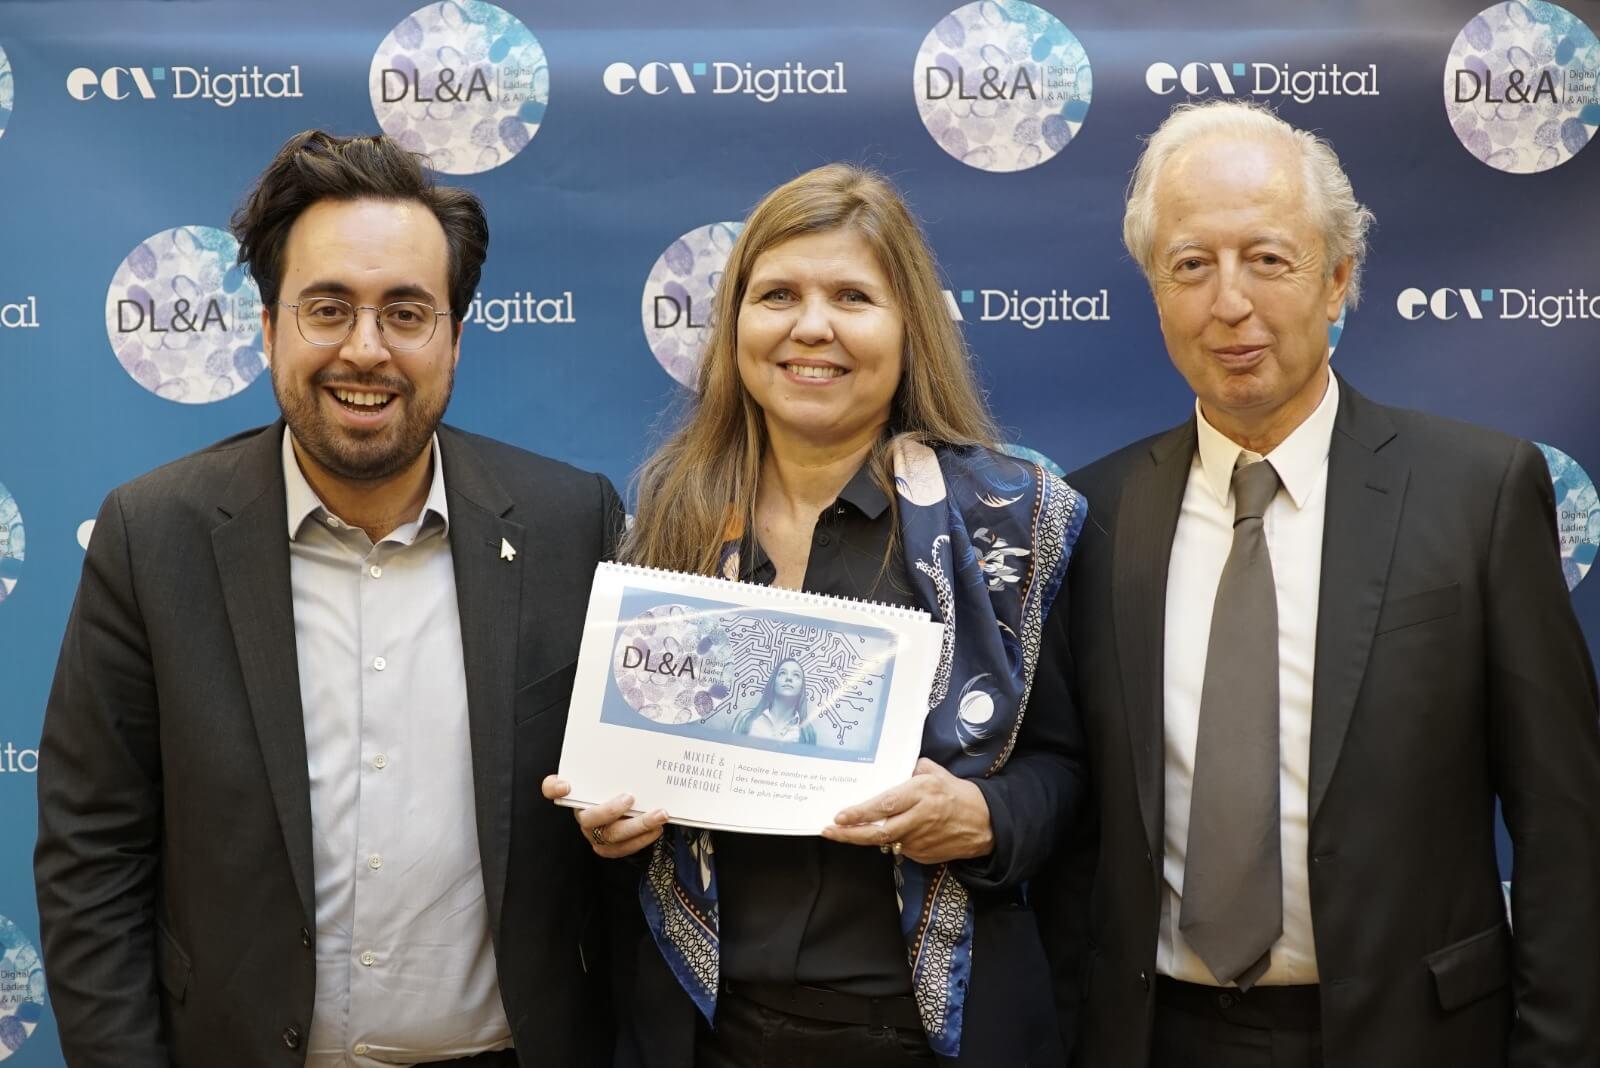 Digital-Ladies-ECV-Digital